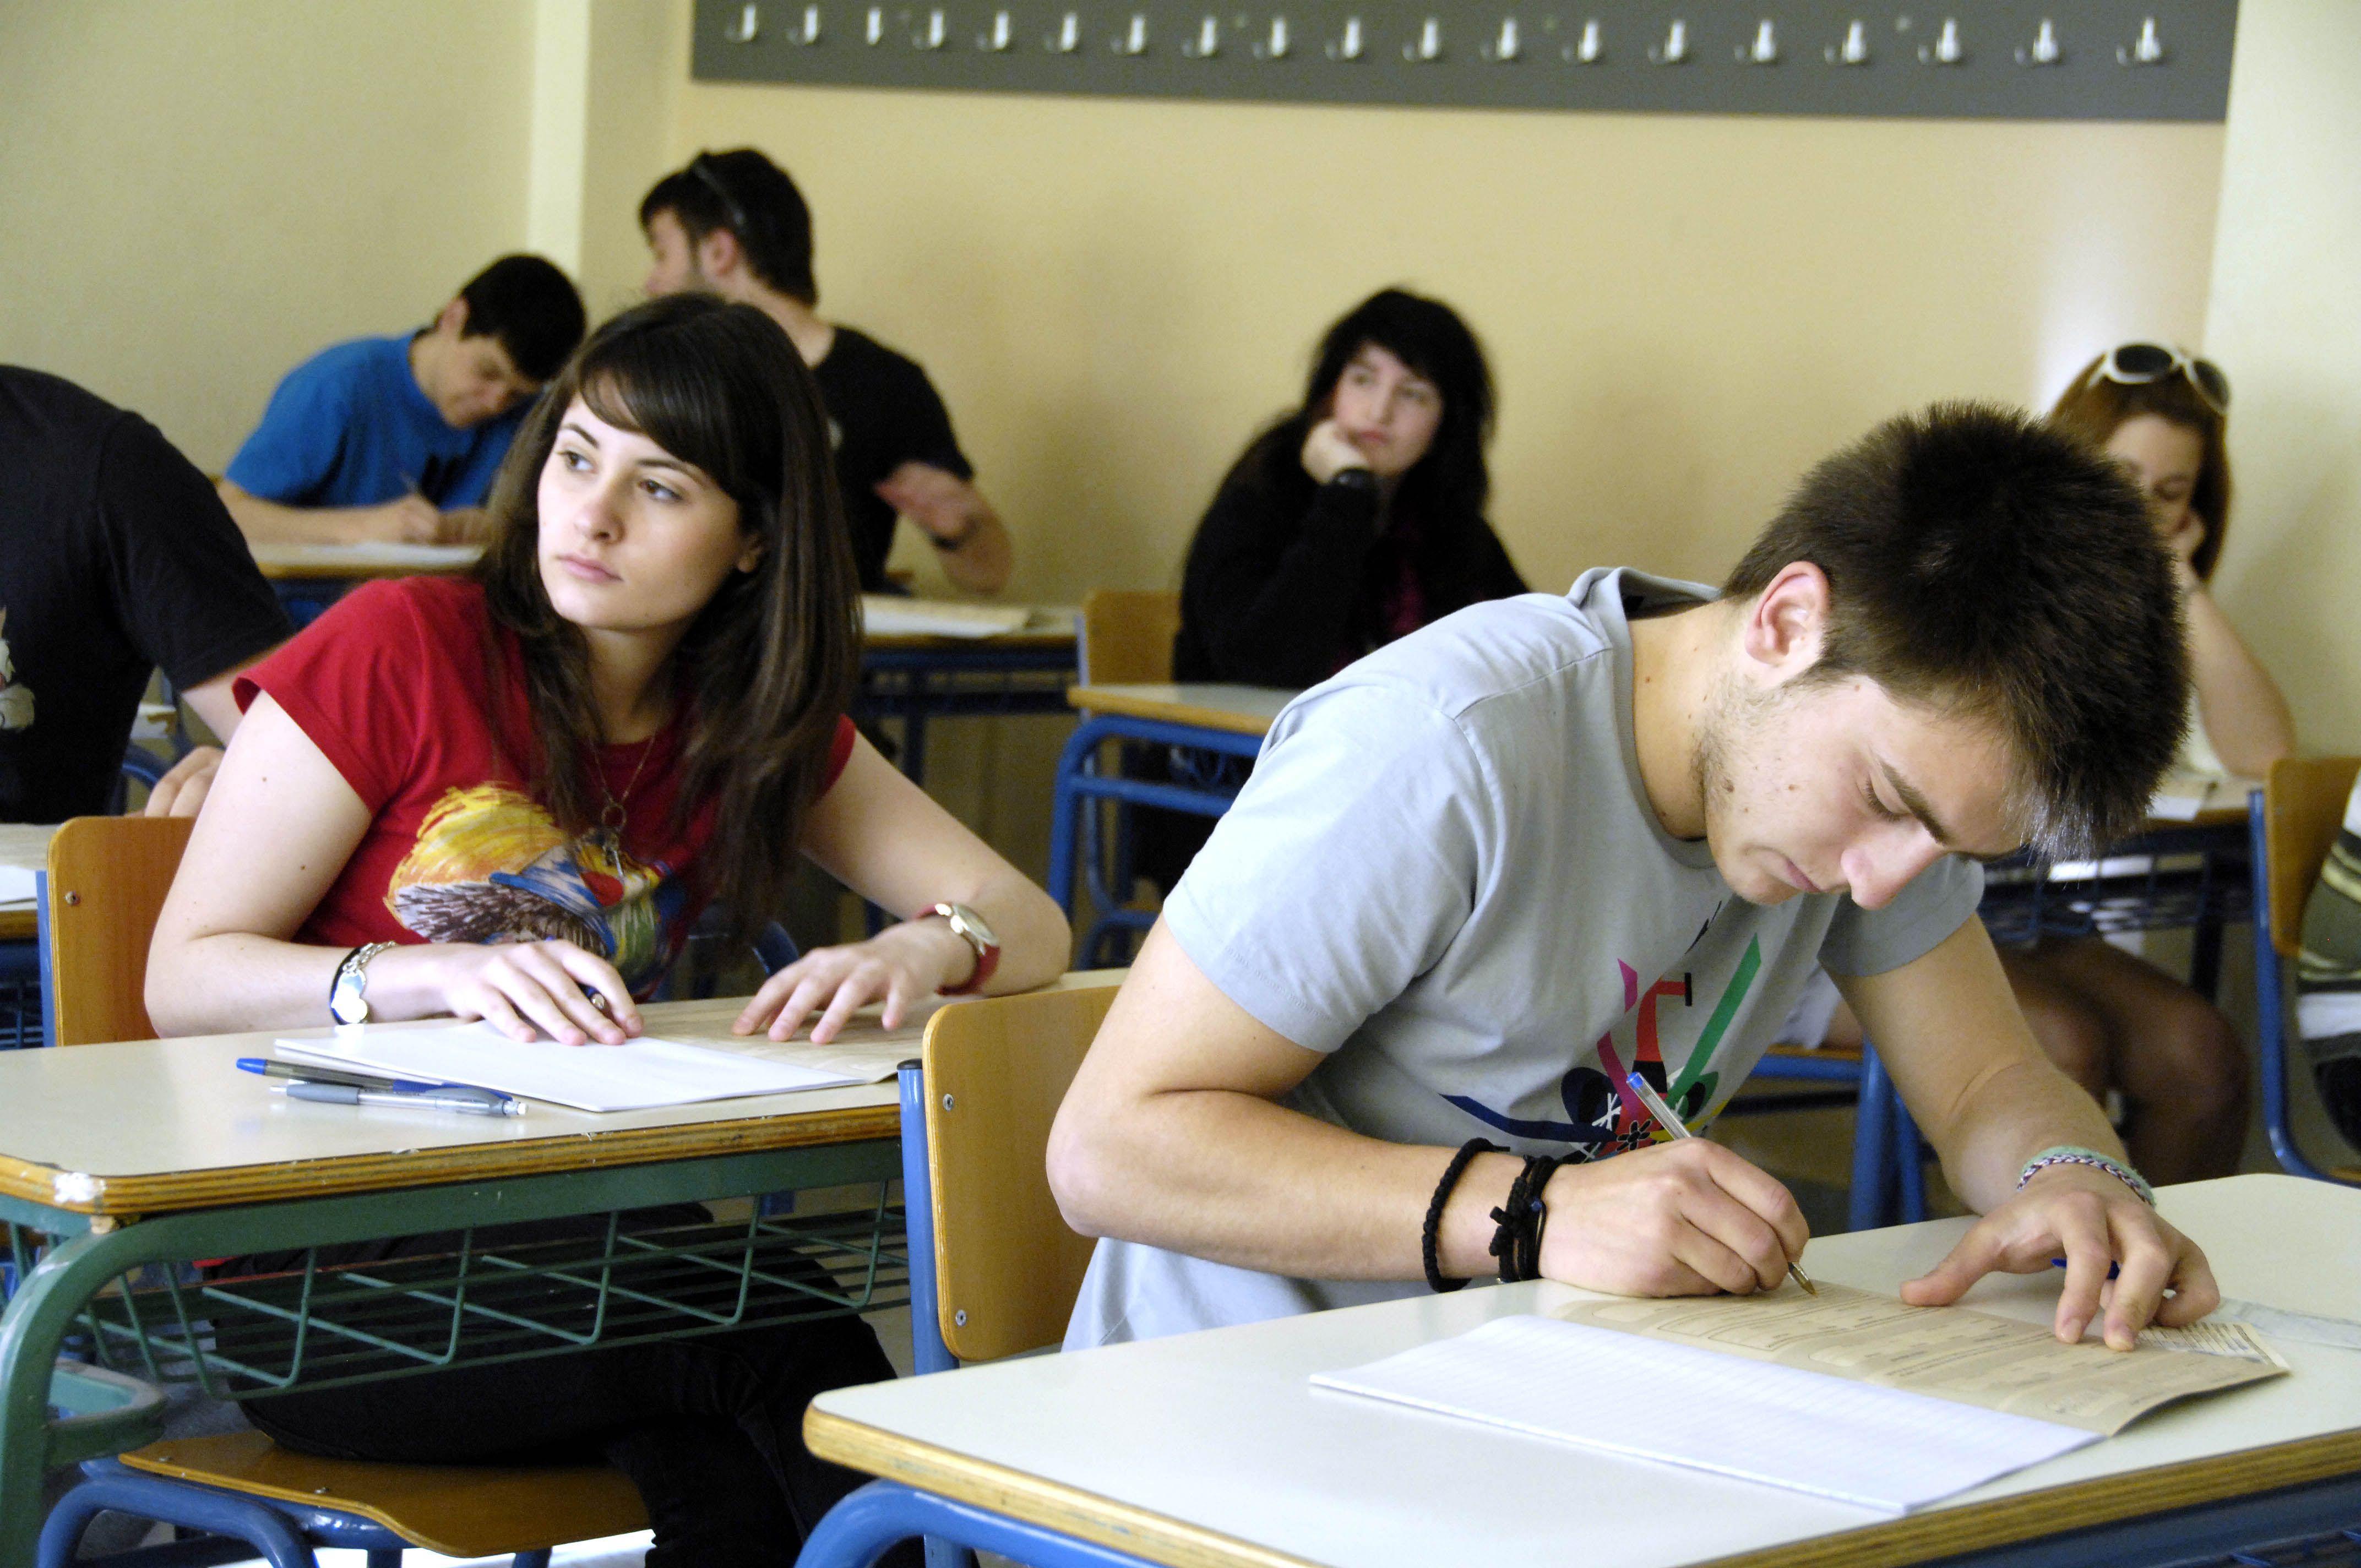 Τα θέματα και οι απαντήσεις στα Μαθηματικά των ΕΠΑΛ   tovima.gr